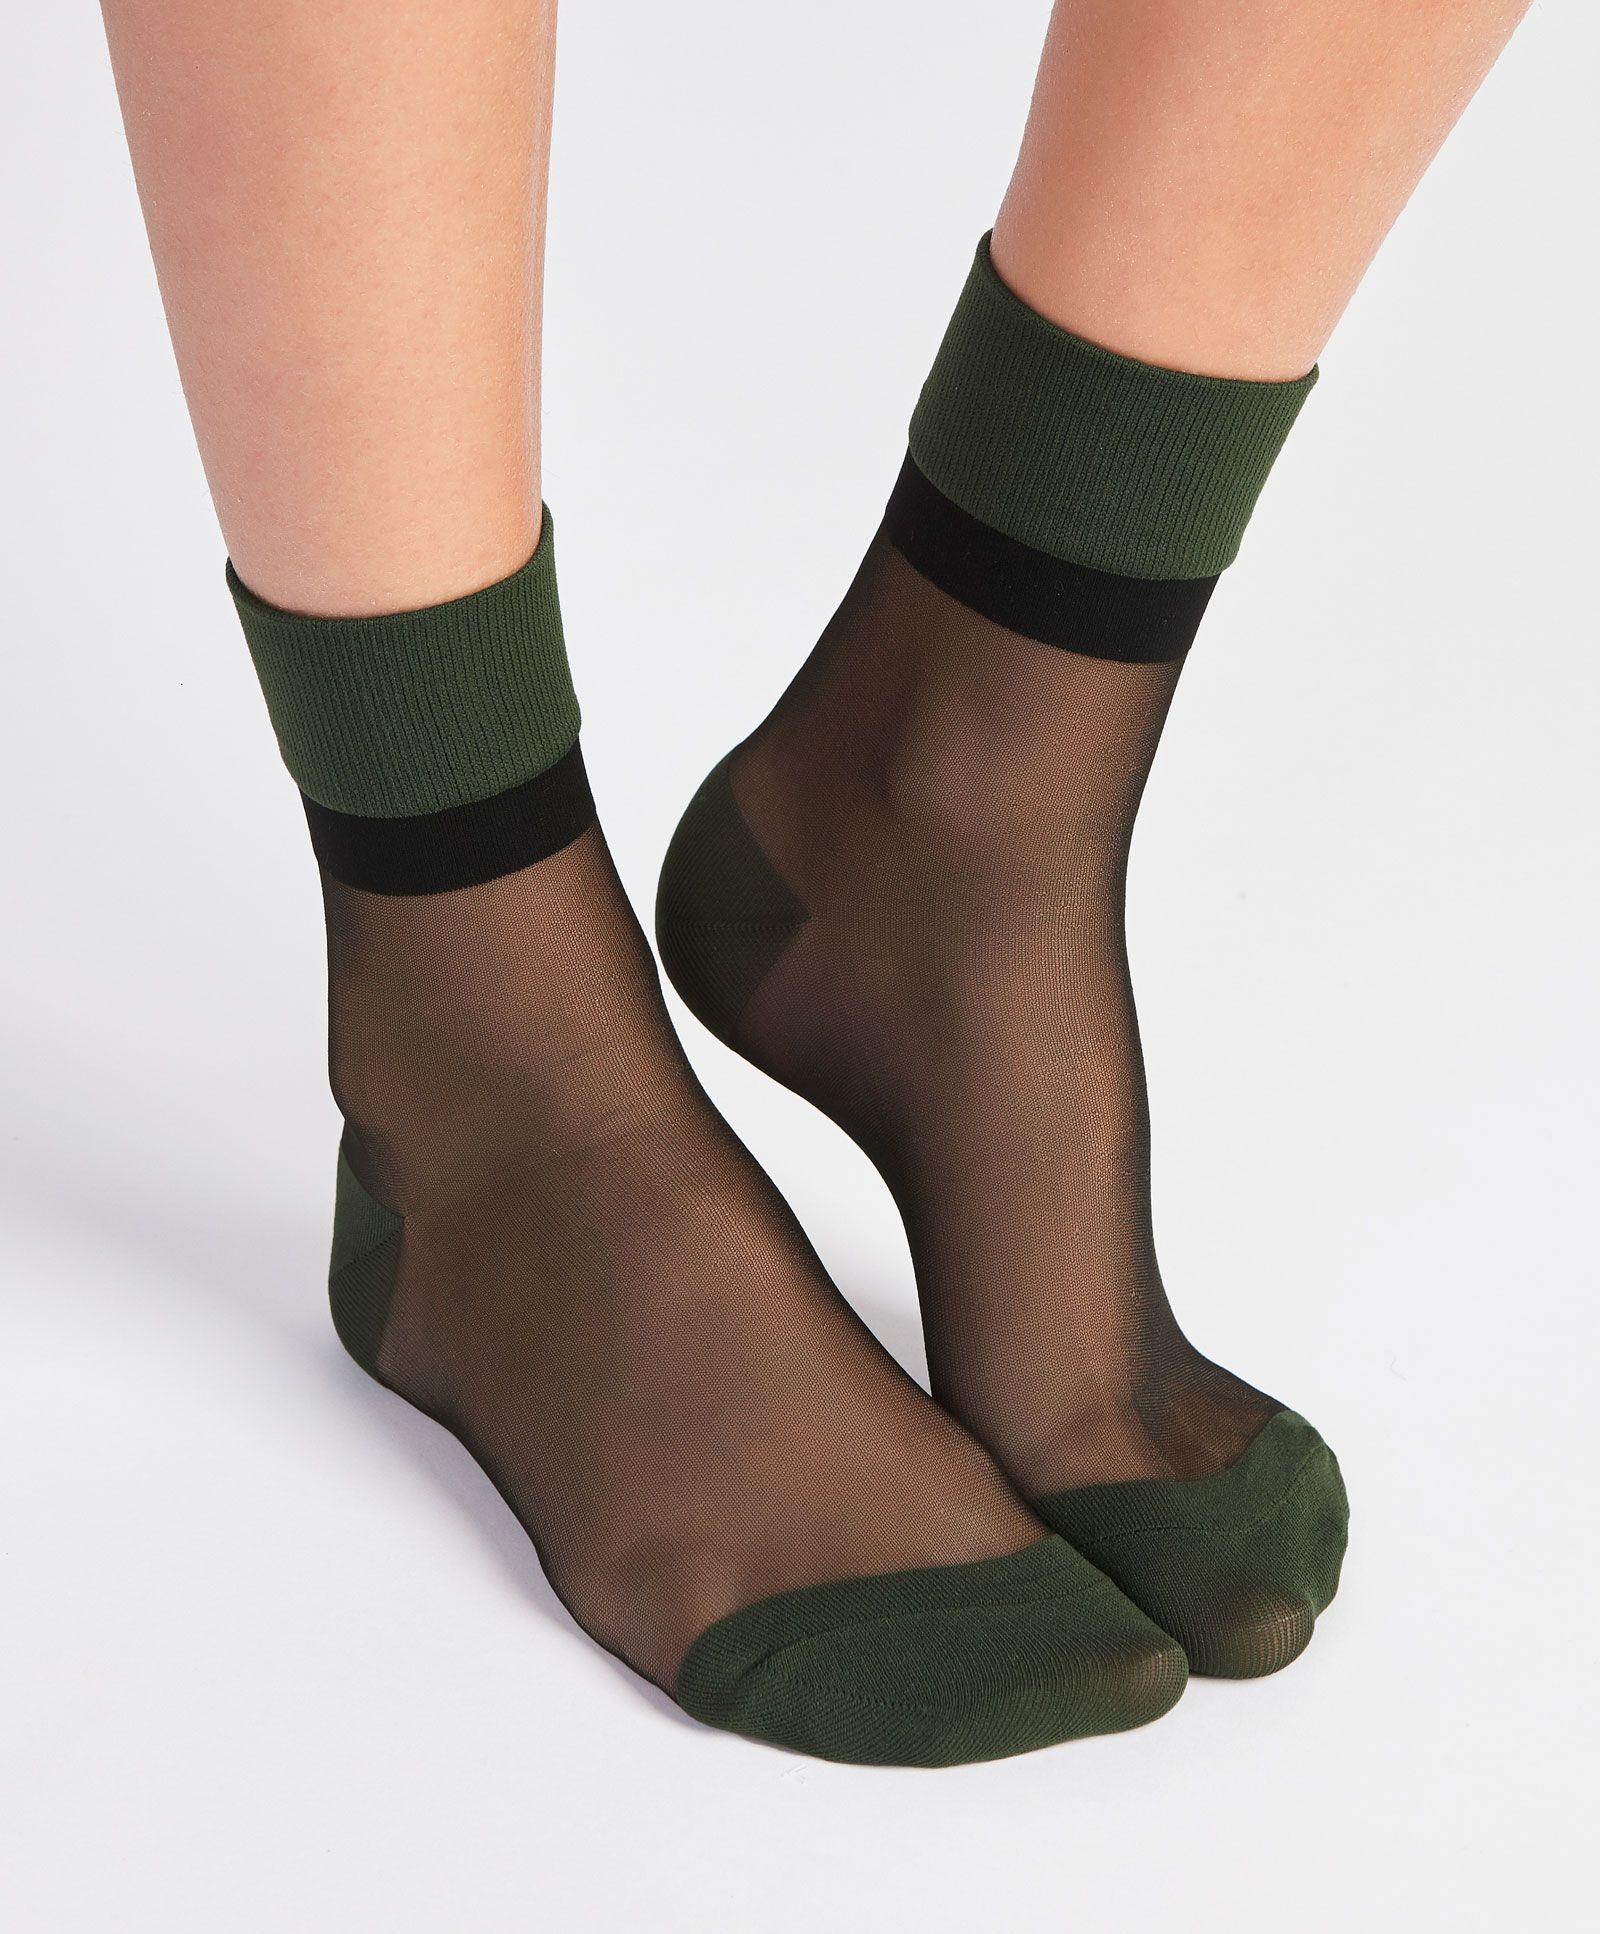 Chaussures automne transparentes femme ViS7GP1